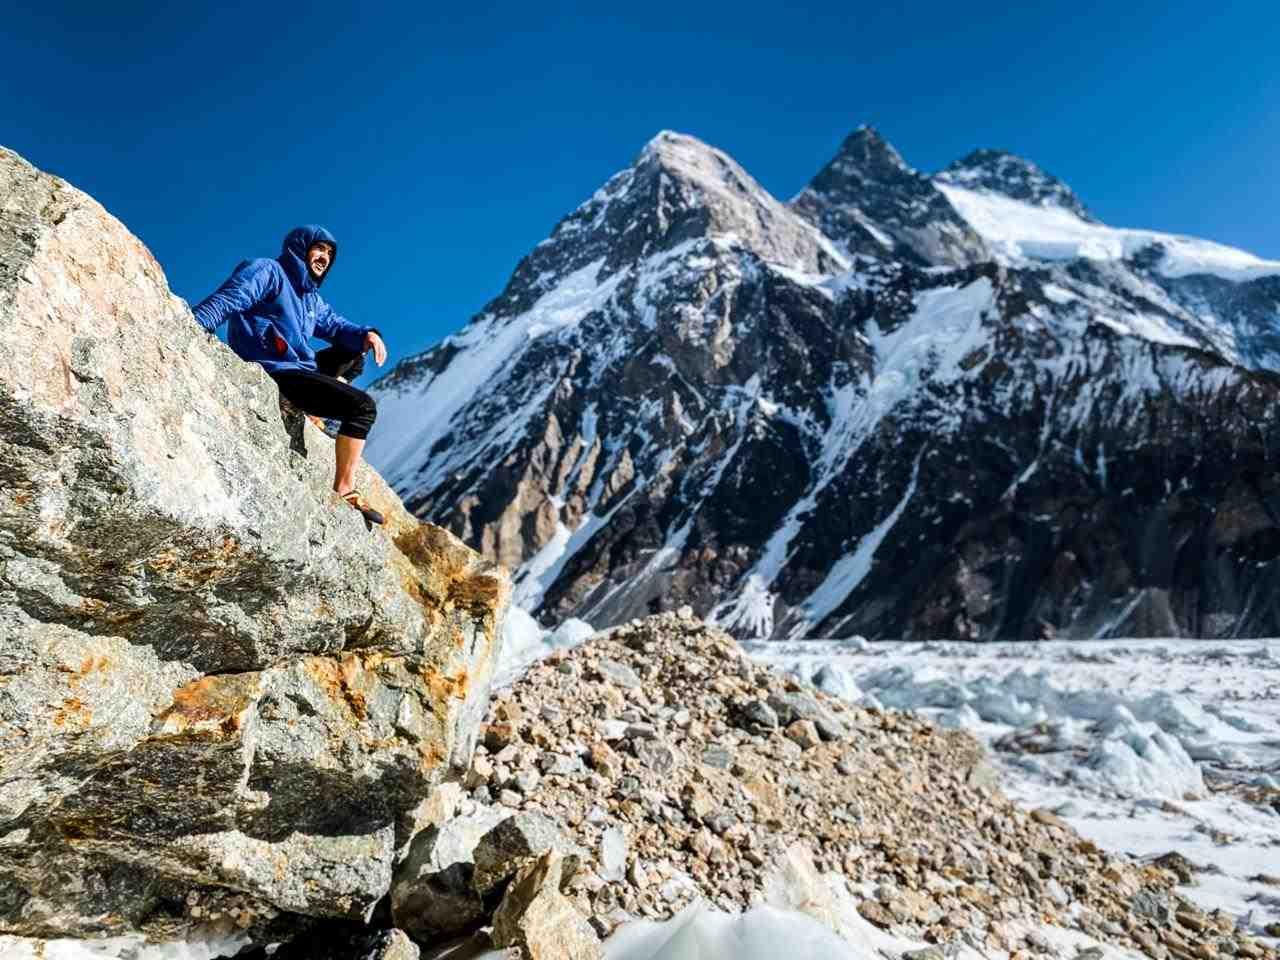 A tres meses de su muerte, el íntimo y nostálgico recuerdo de los hermanos del montañista Juan Pablo Mohr